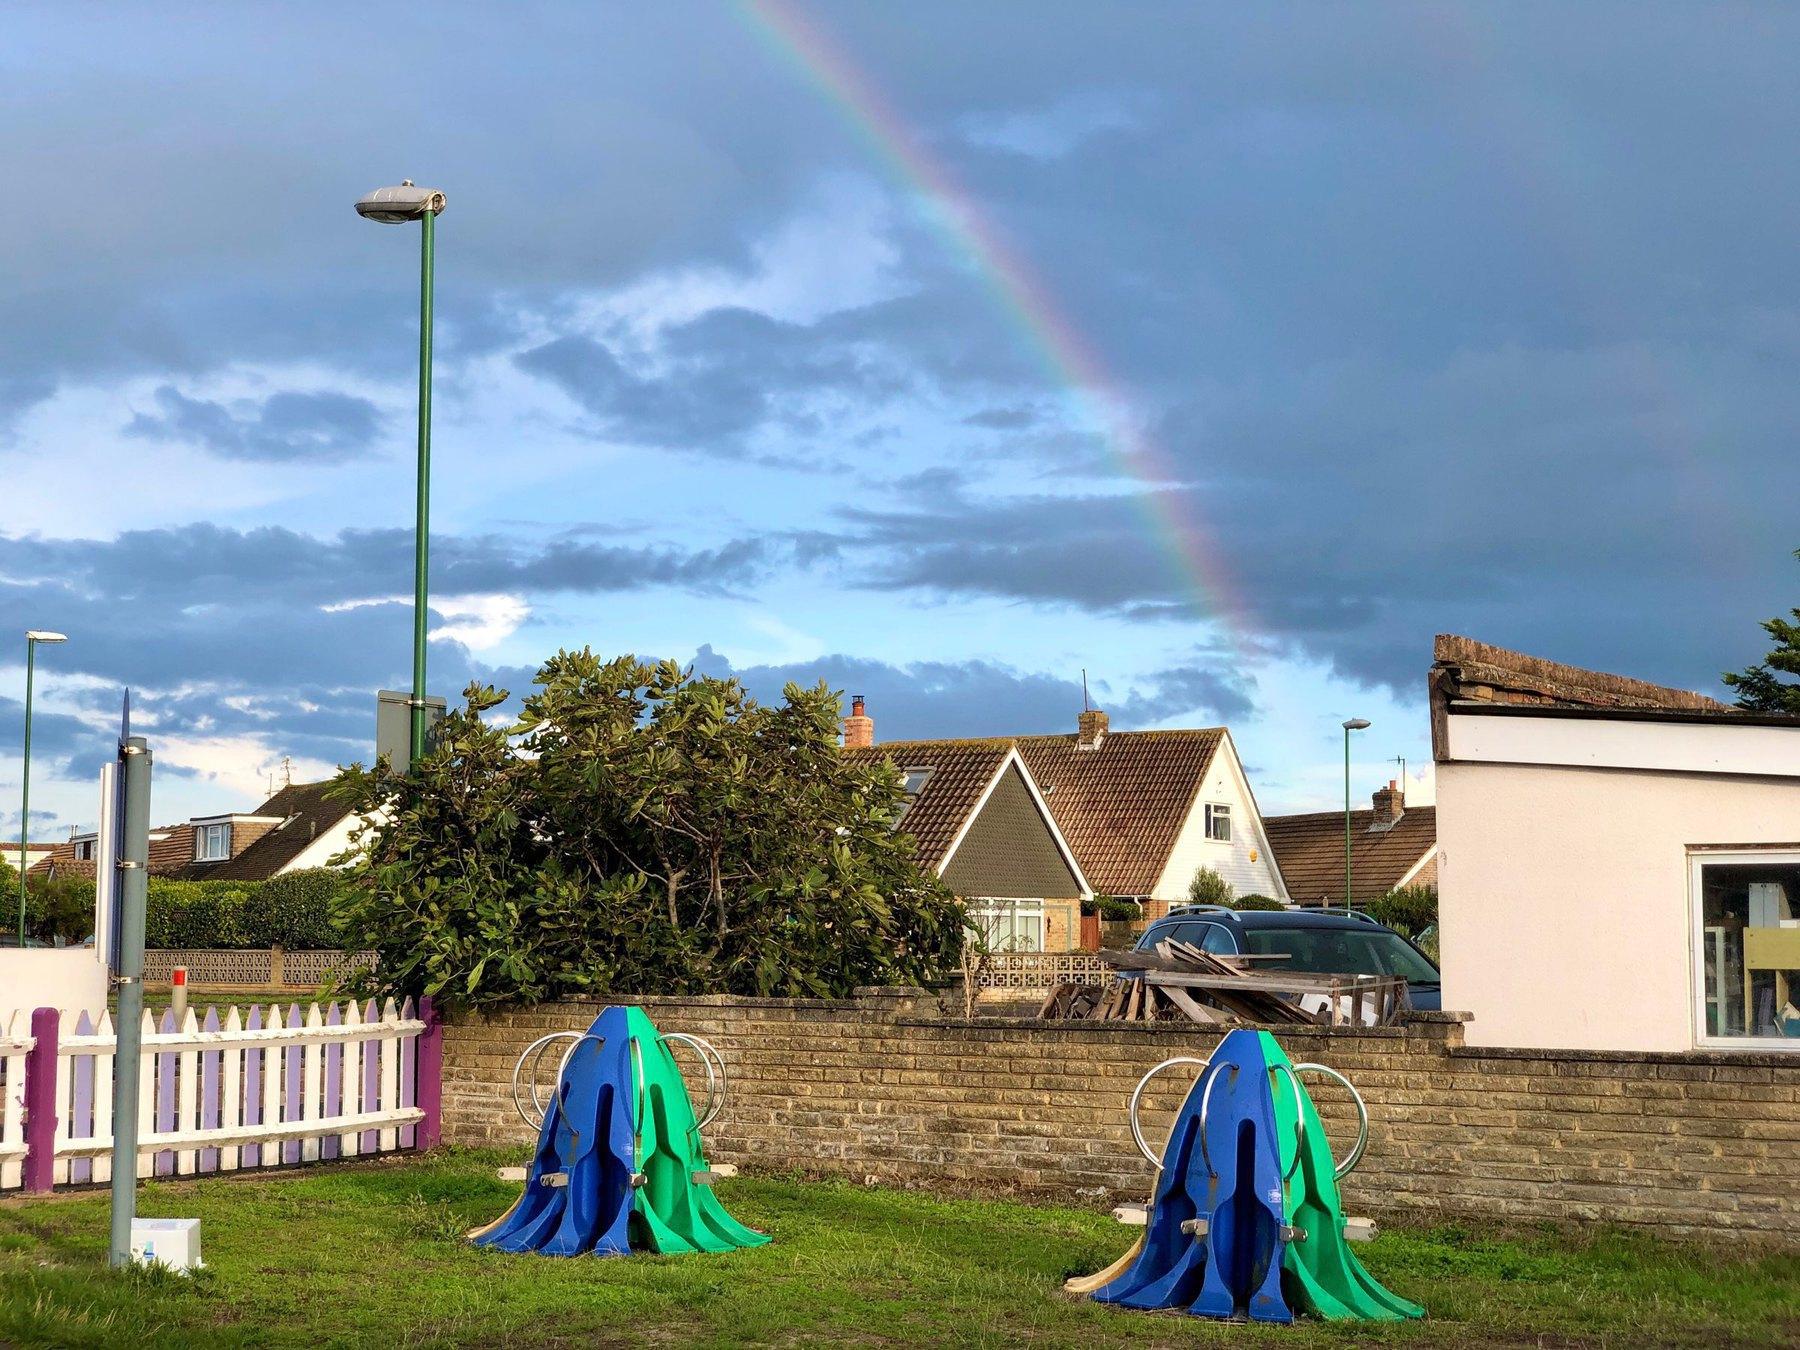 A rainbow over the houses of Shoreham Beach.